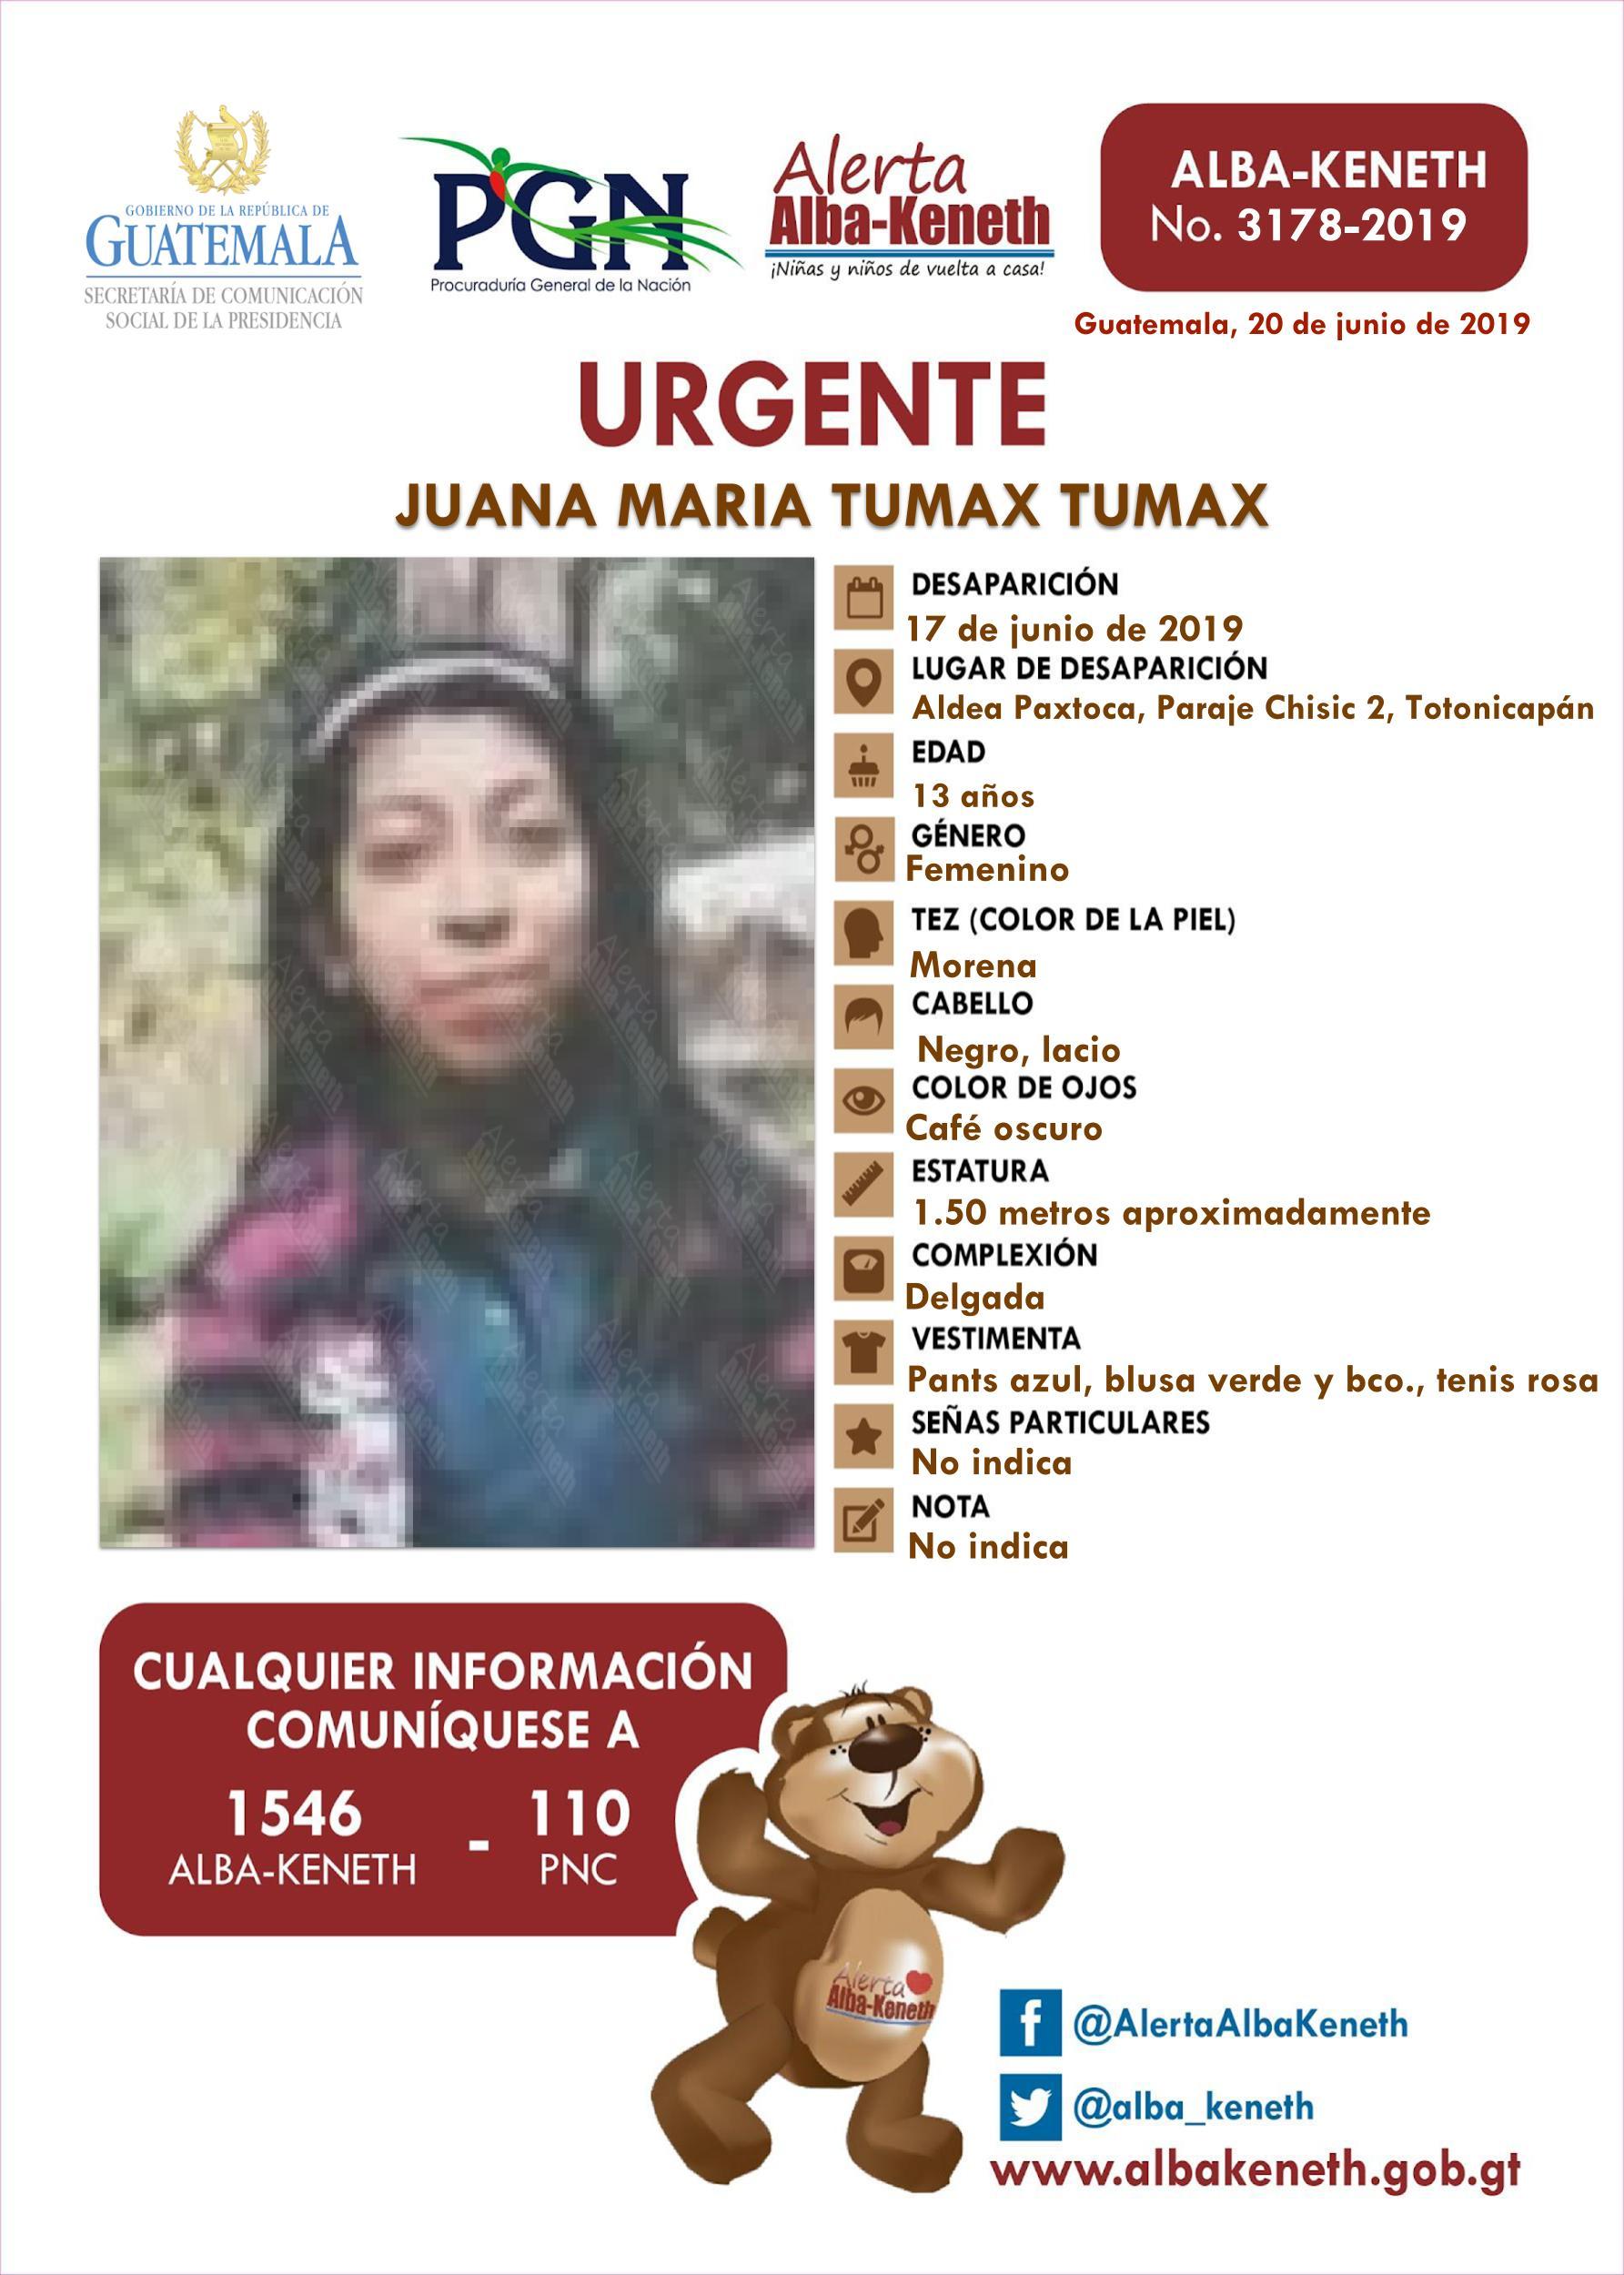 Juana Maria Tumax Tumax